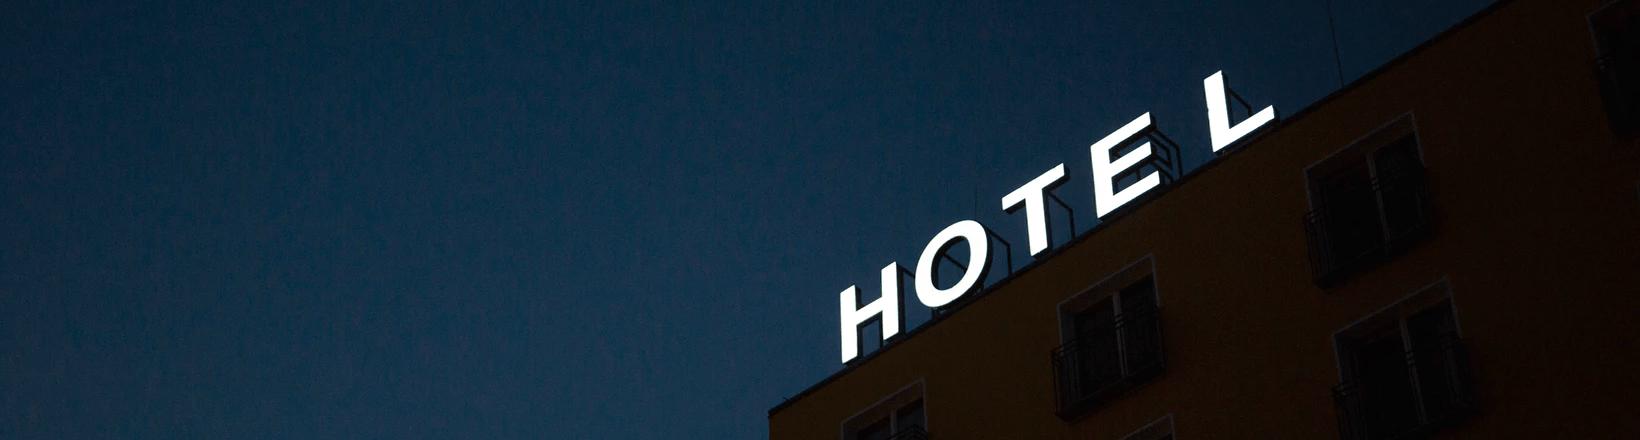 hotelhacks_banner